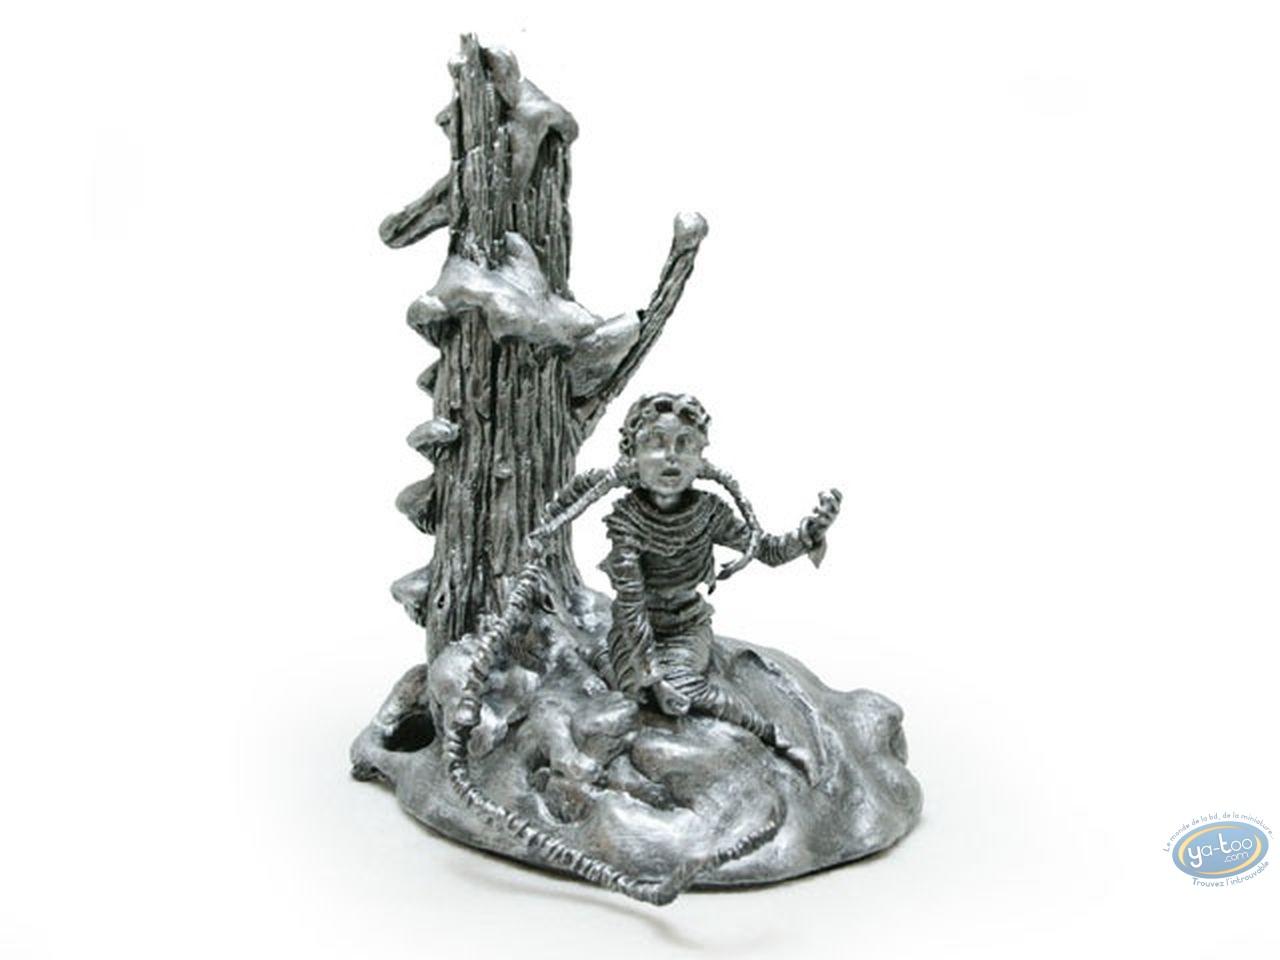 Resin Statuette, Gorn : Maelle monochrom